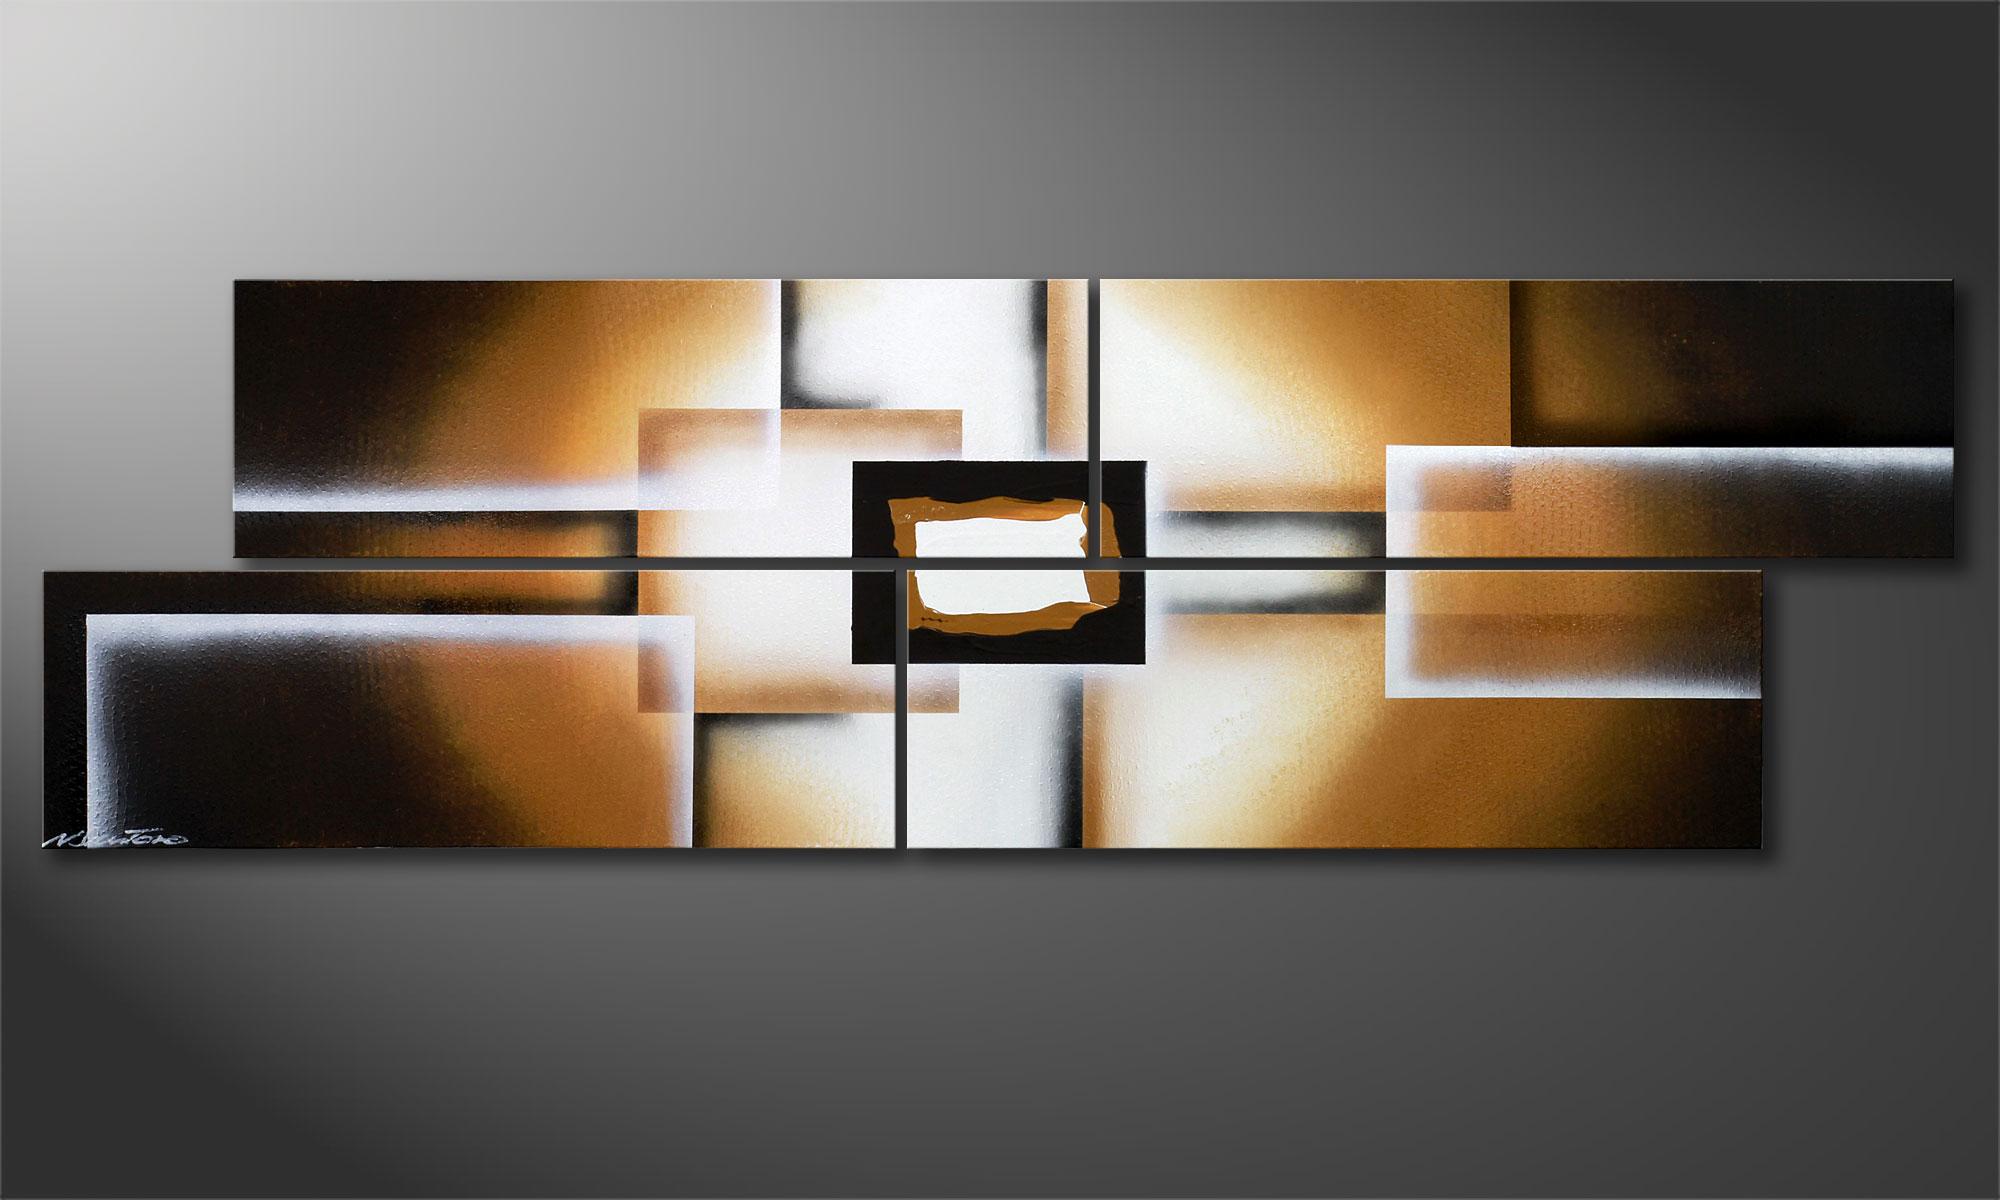 La toile moderne earth construction 200x60cm tableaux xxl - Toiles modernes design ...